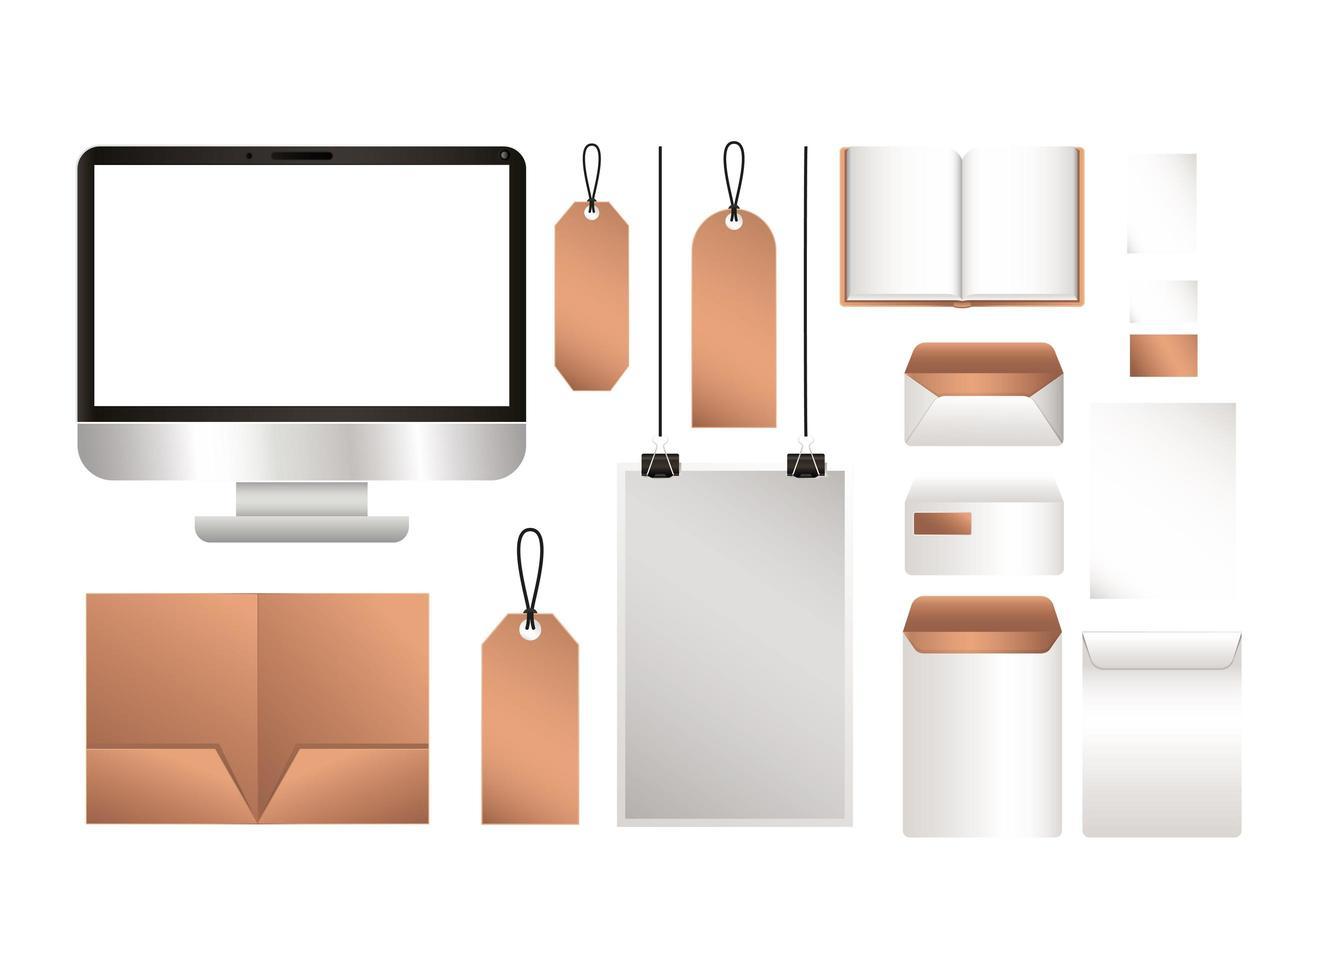 design di etichette e buste per file di computer mockup vettore